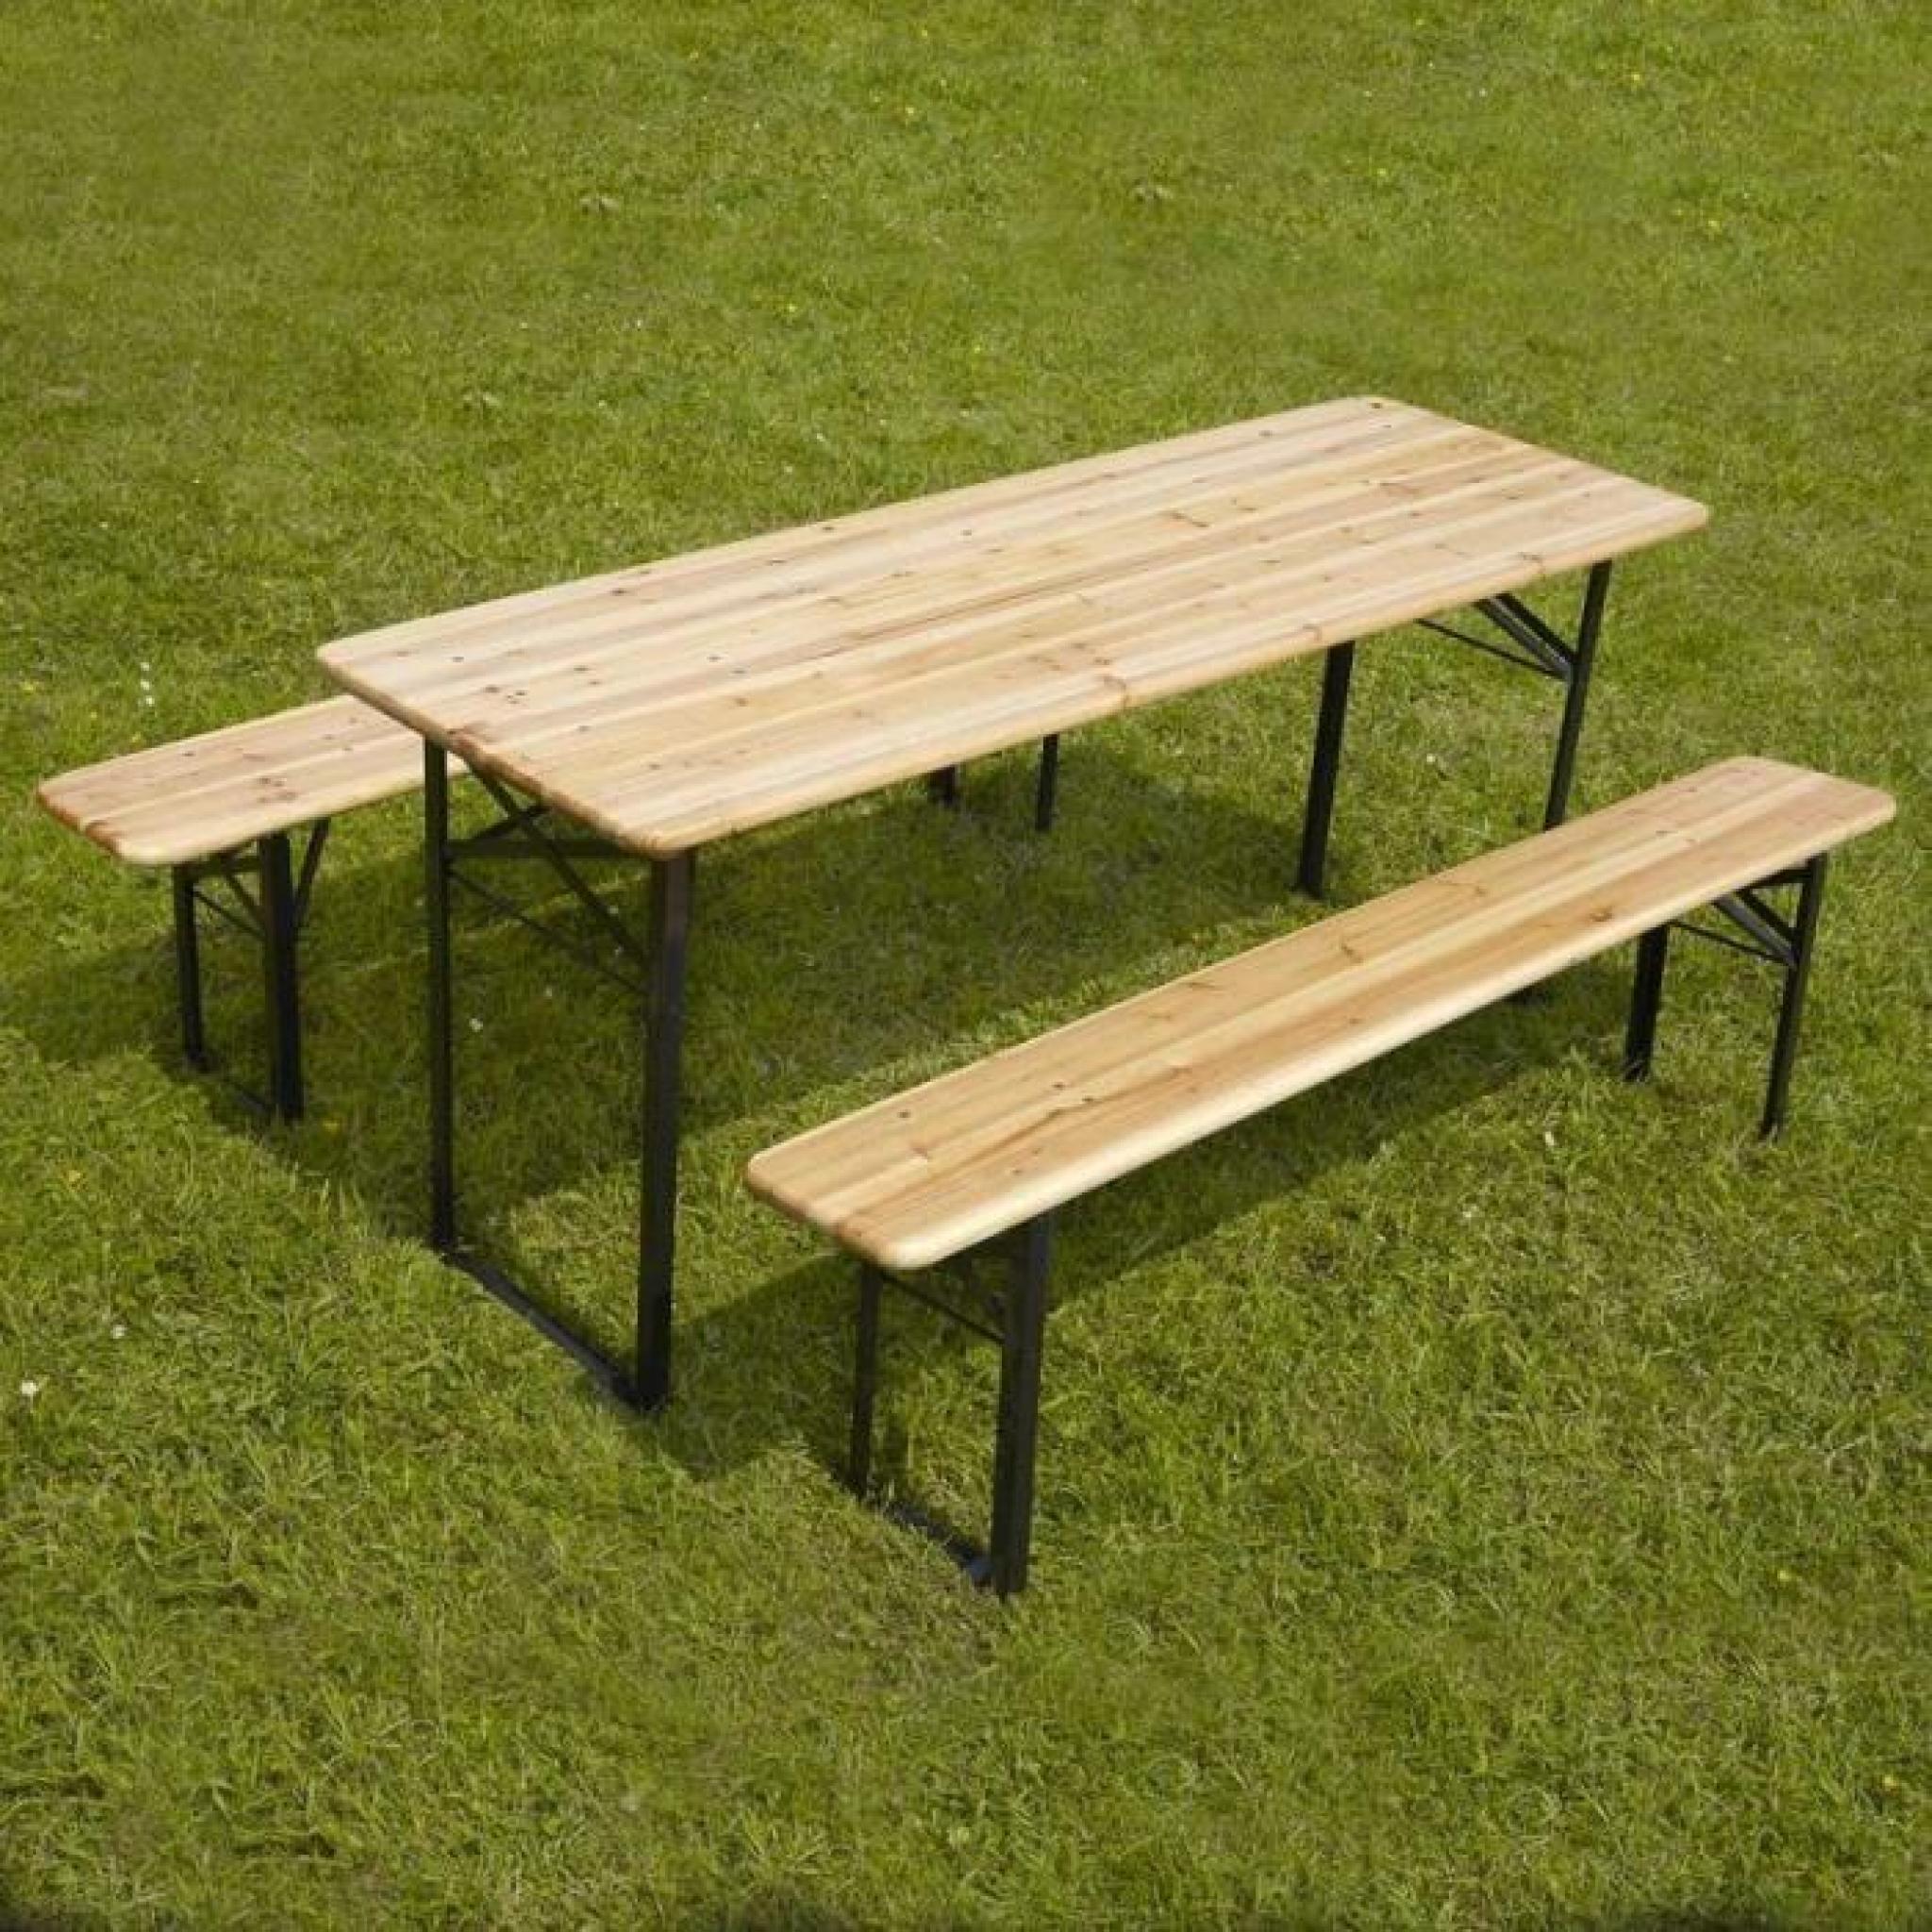 Ensemble table et banc en bois pique nique brasserie 180 cm